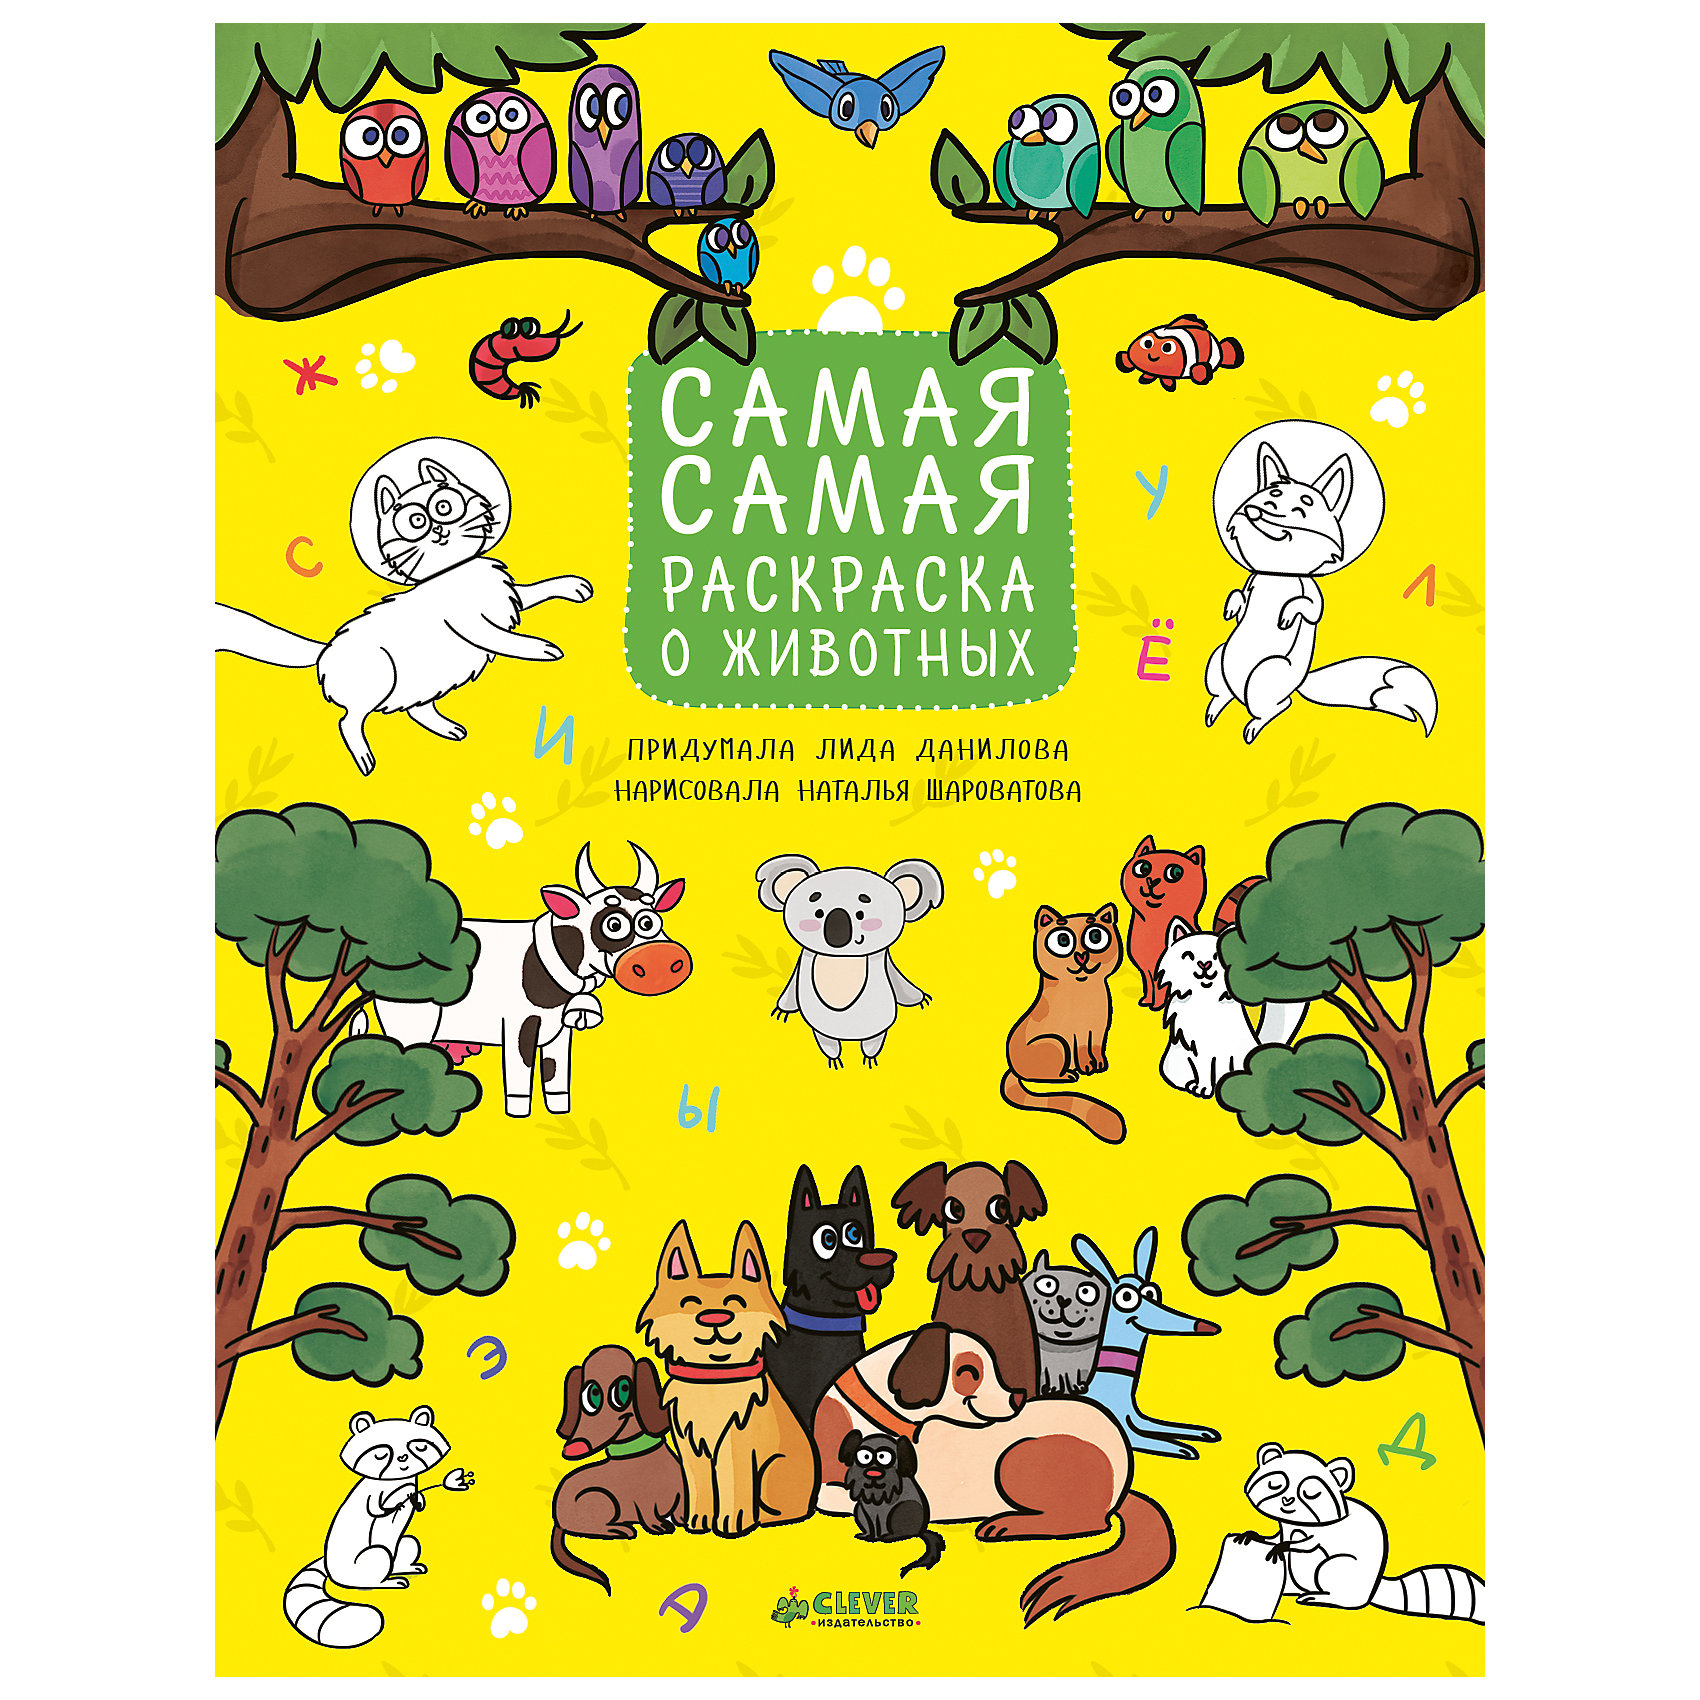 Самая-самая раскраска о животных, Рисуем, раскрашиваем, играемРаскраски по номерам<br>Самая-самая раскраска о животных, Рисуем, раскрашиваем, играем<br><br>Характеристики:<br><br>• ISBN: 978-5-906899-90-3<br>• Кол-во страниц:48<br>• Возраст: от 5 лет <br>• Формат: а4<br>• Размер книги: 280x215x4 мм<br>• Бумага: офсет<br>• Вес: 244 г<br>• Обложка: мягкая<br><br>Эта книга идеально подойдет для детей, которые любят сказки, а так же рисовать и раскрашивать. Она отправит их в увлекательное путешествие, навстречу различным животным. В книге содержится множество увлекательных заданий, лабиринтов, раскрасок и так далее. Эта книга развлечет и научит ребенка решать задачи, развивать мелкую моторику и просто даст отлично провести время.<br><br>Самая-самая раскраска о животных, Рисуем, раскрашиваем, играем можно купить в нашем интернет-магазине.<br><br>Ширина мм: 280<br>Глубина мм: 215<br>Высота мм: 5<br>Вес г: 244<br>Возраст от месяцев: 84<br>Возраст до месяцев: 132<br>Пол: Унисекс<br>Возраст: Детский<br>SKU: 5377839